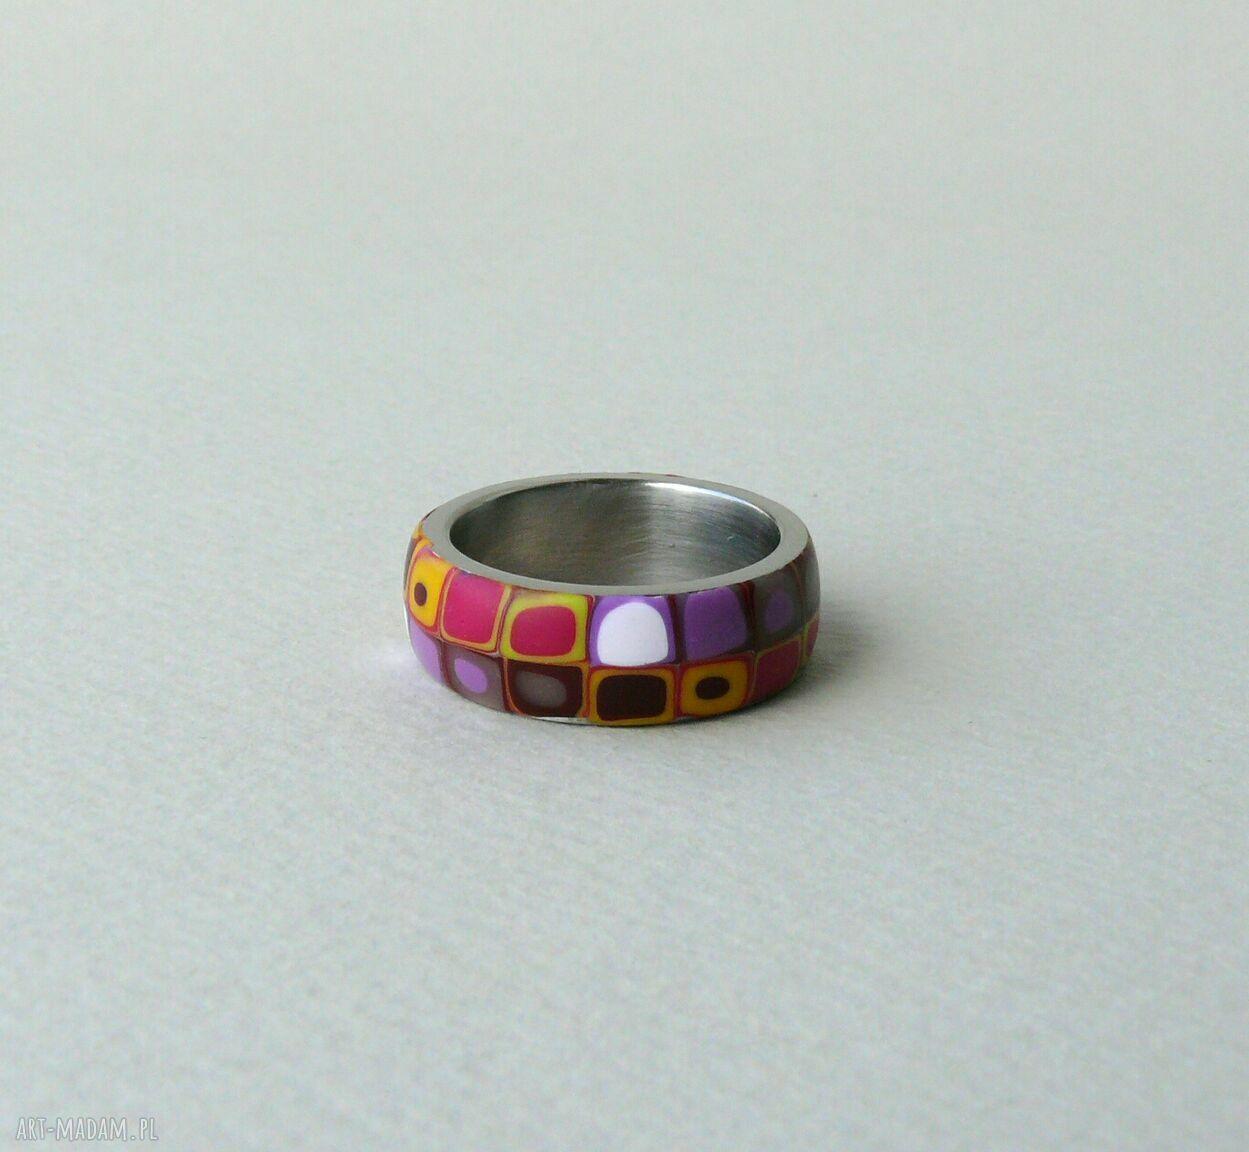 unikalne obrączki kolorowa obrączka, stal z polymer